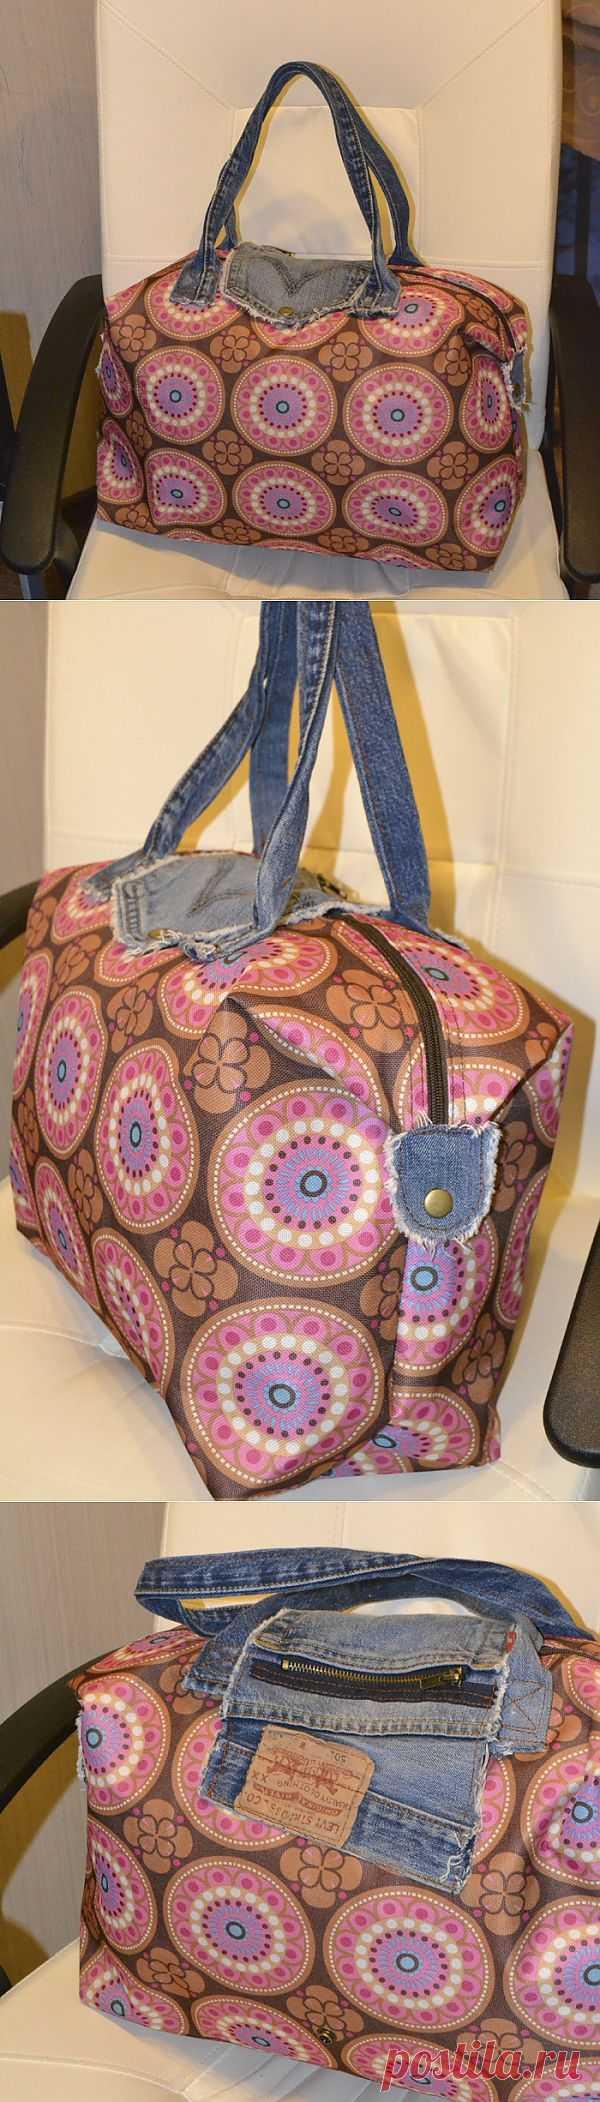 Ремонт сумки старыми джинсами / Сумки, клатчи, чемоданы / Модный сайт о стильной переделке одежды и интерьера